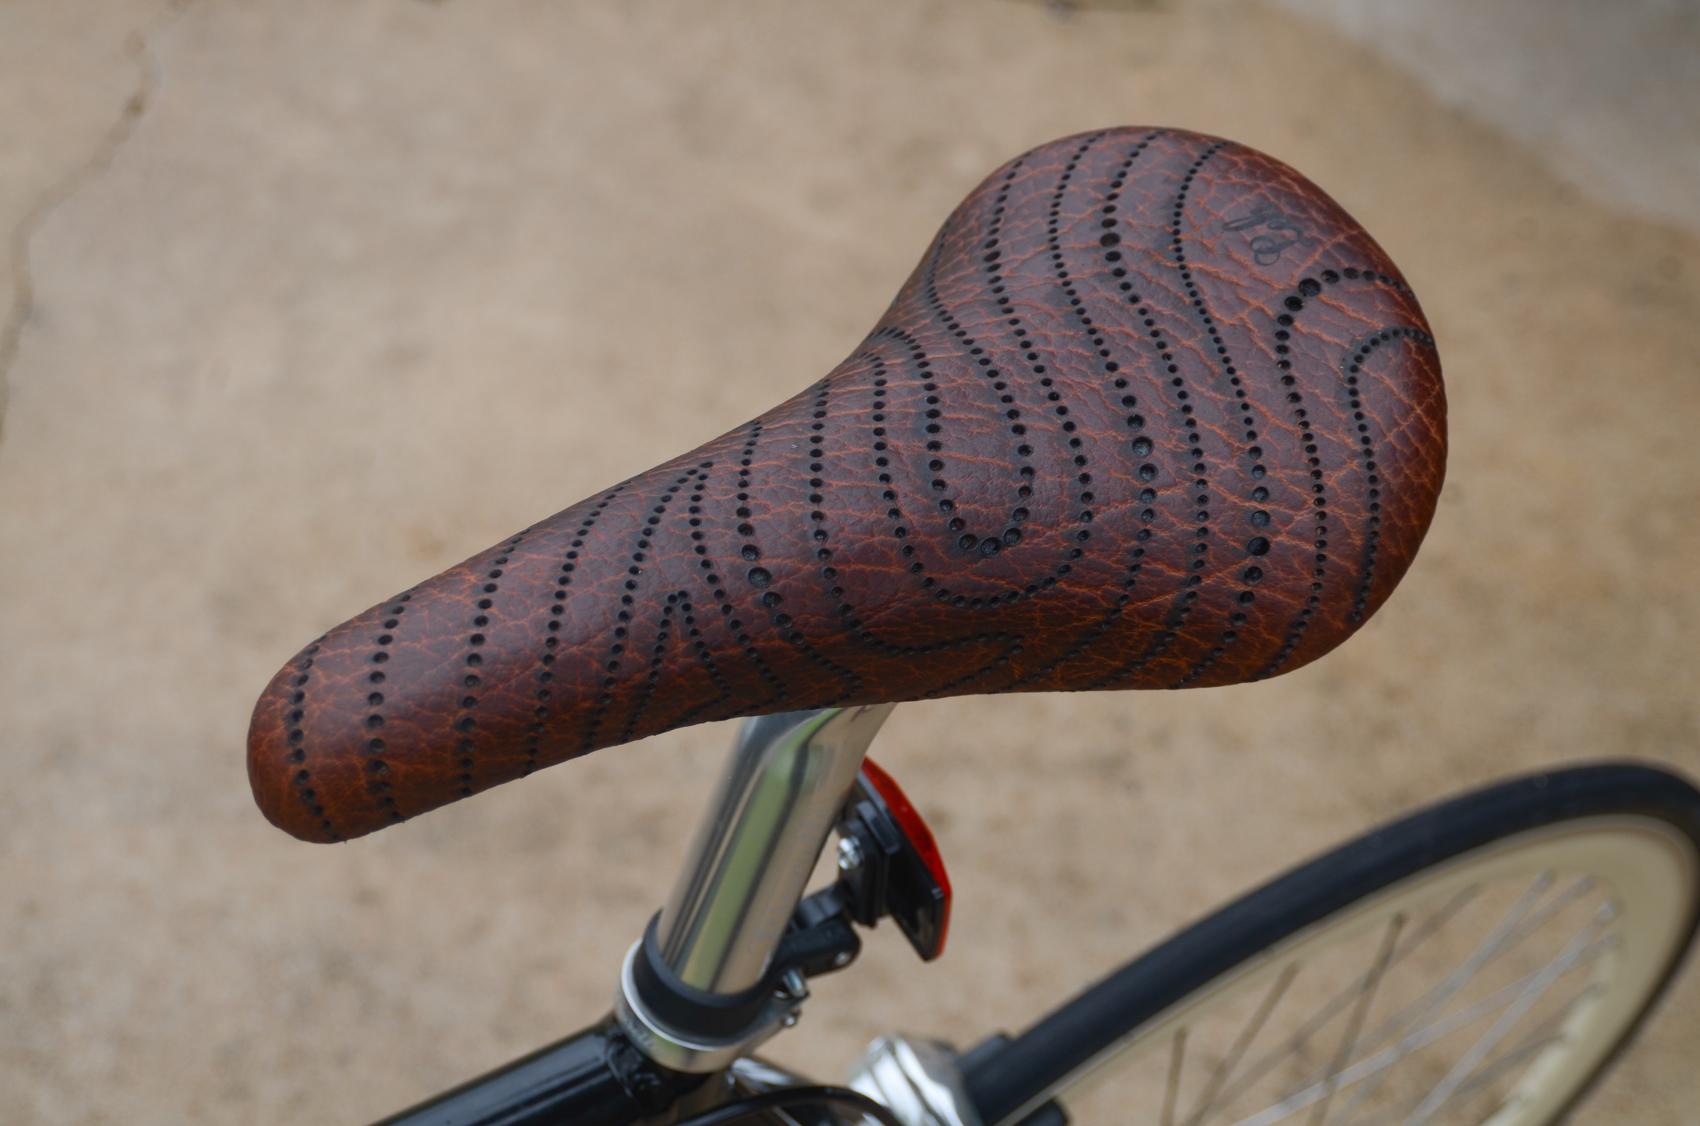 Custom leh cycling goods-9.jpg